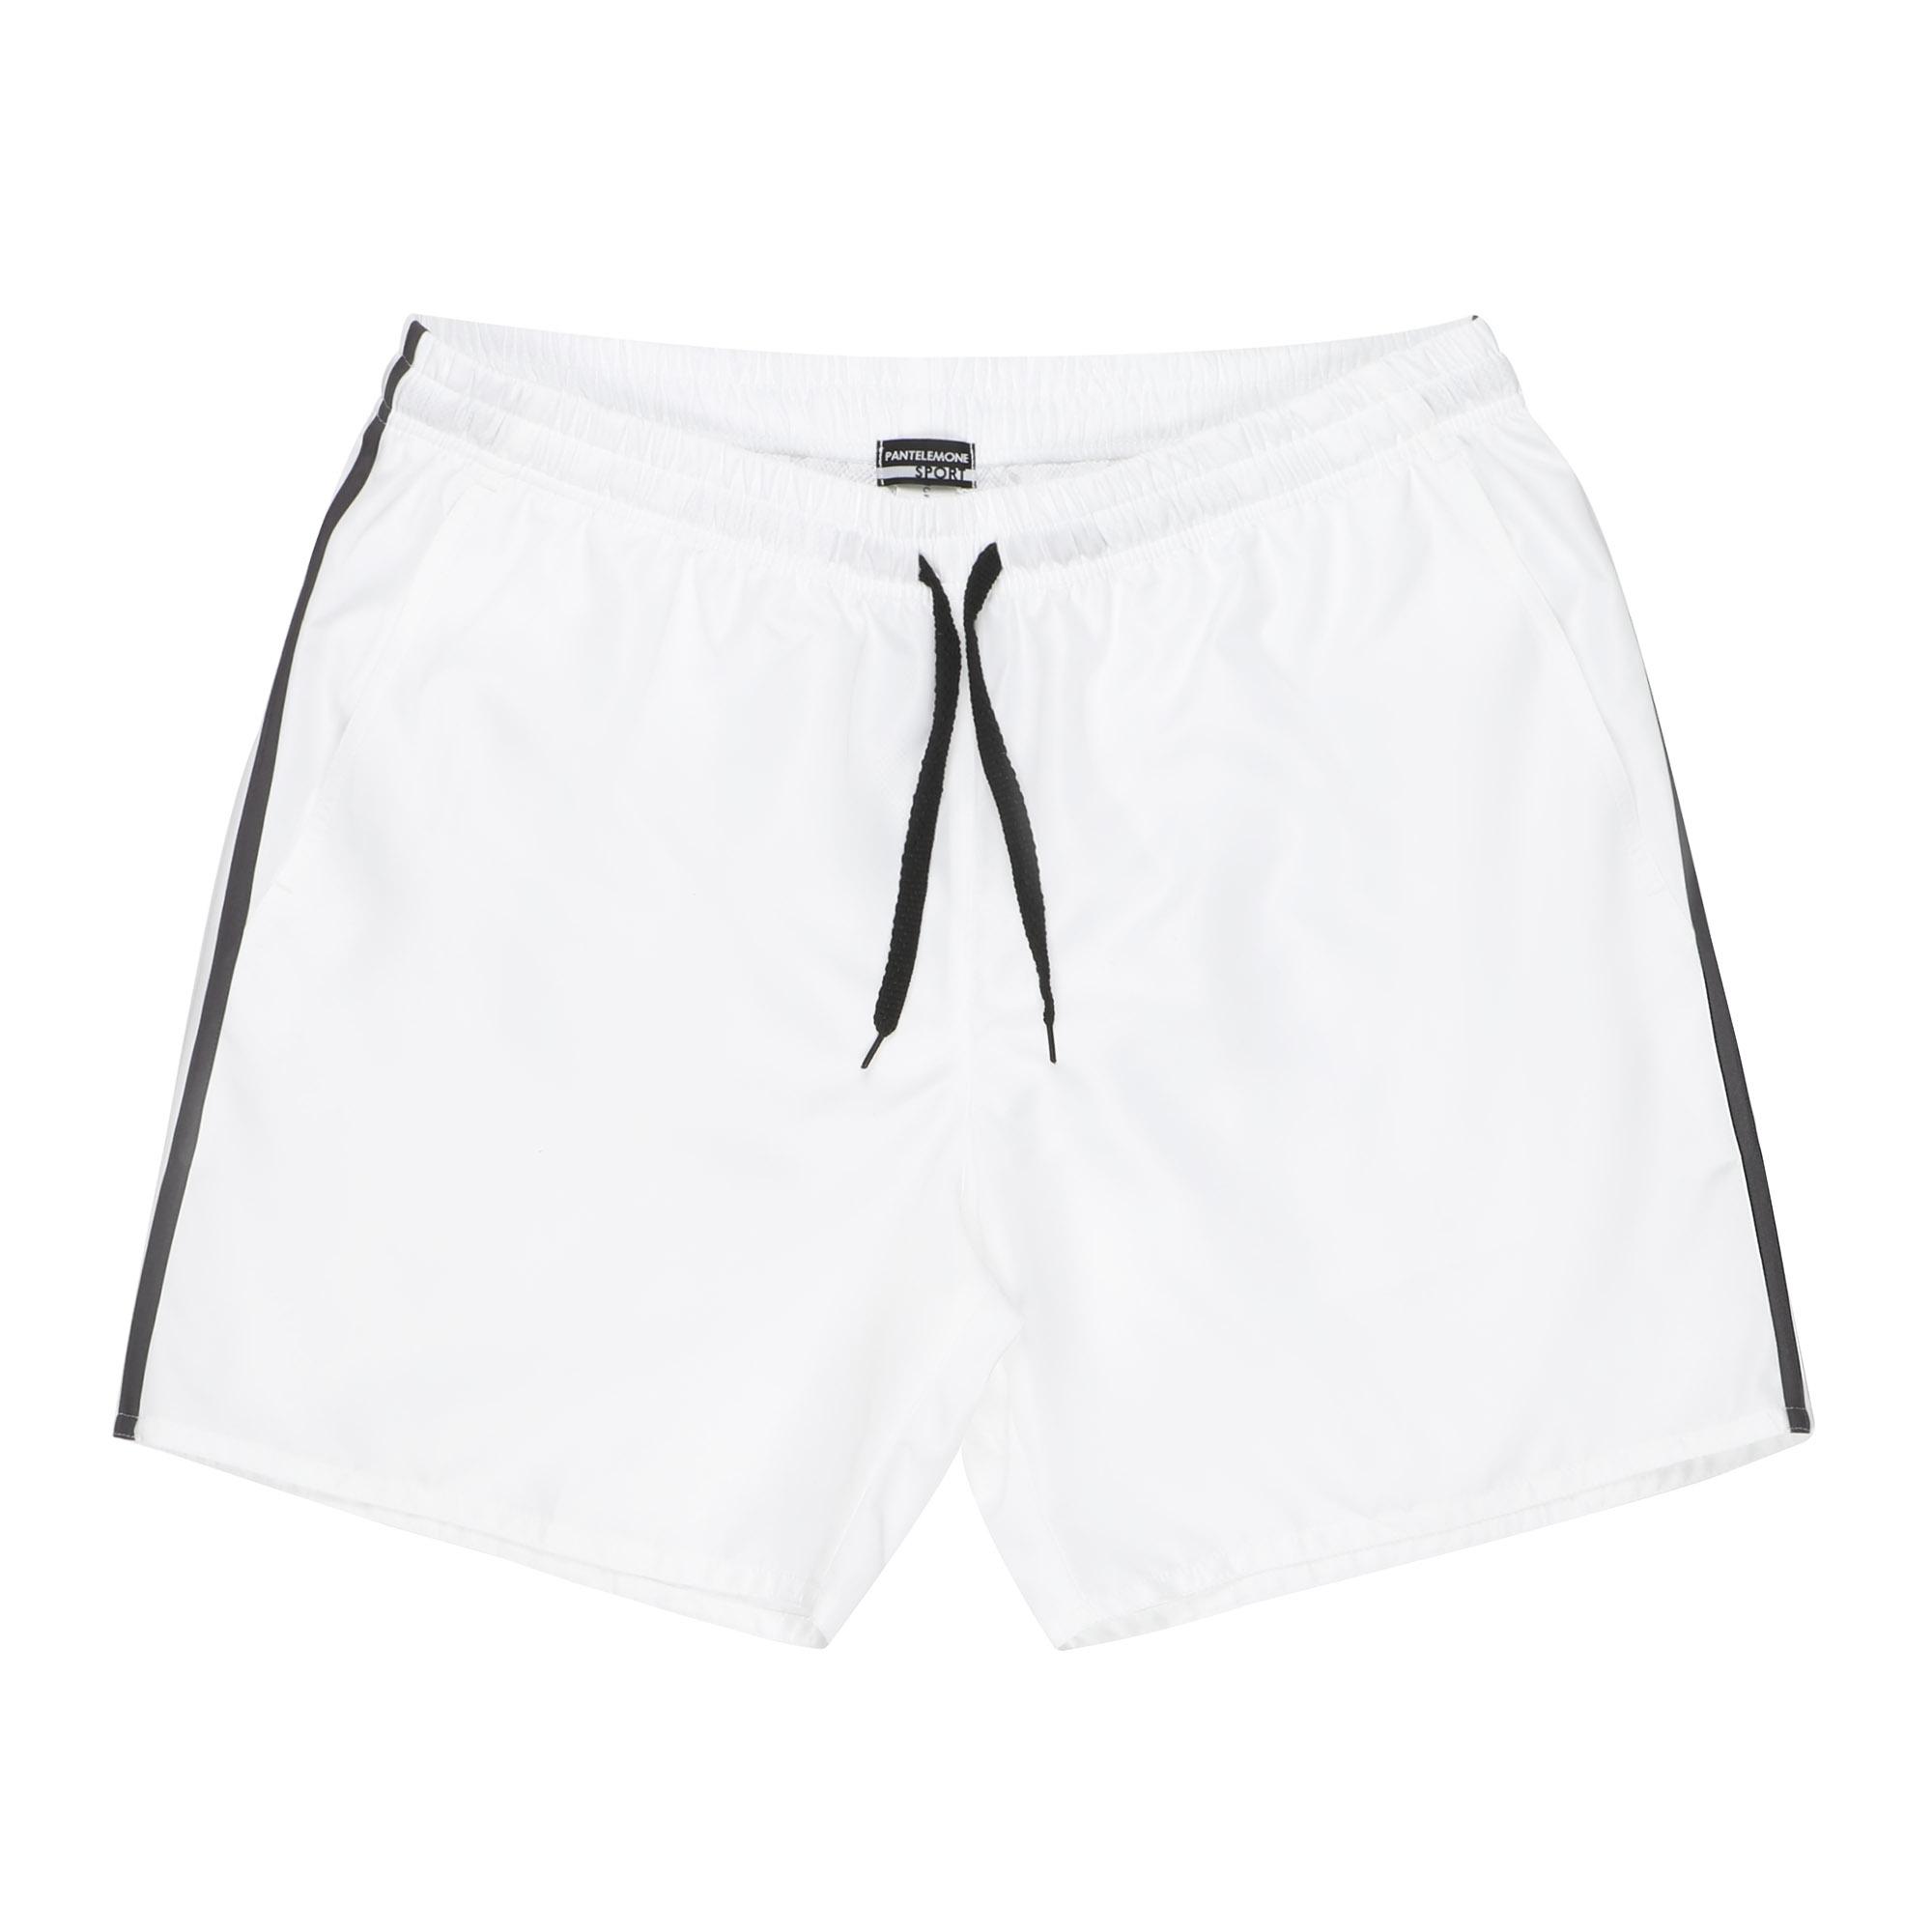 Пляжные шорты Pantelemone 52 белые